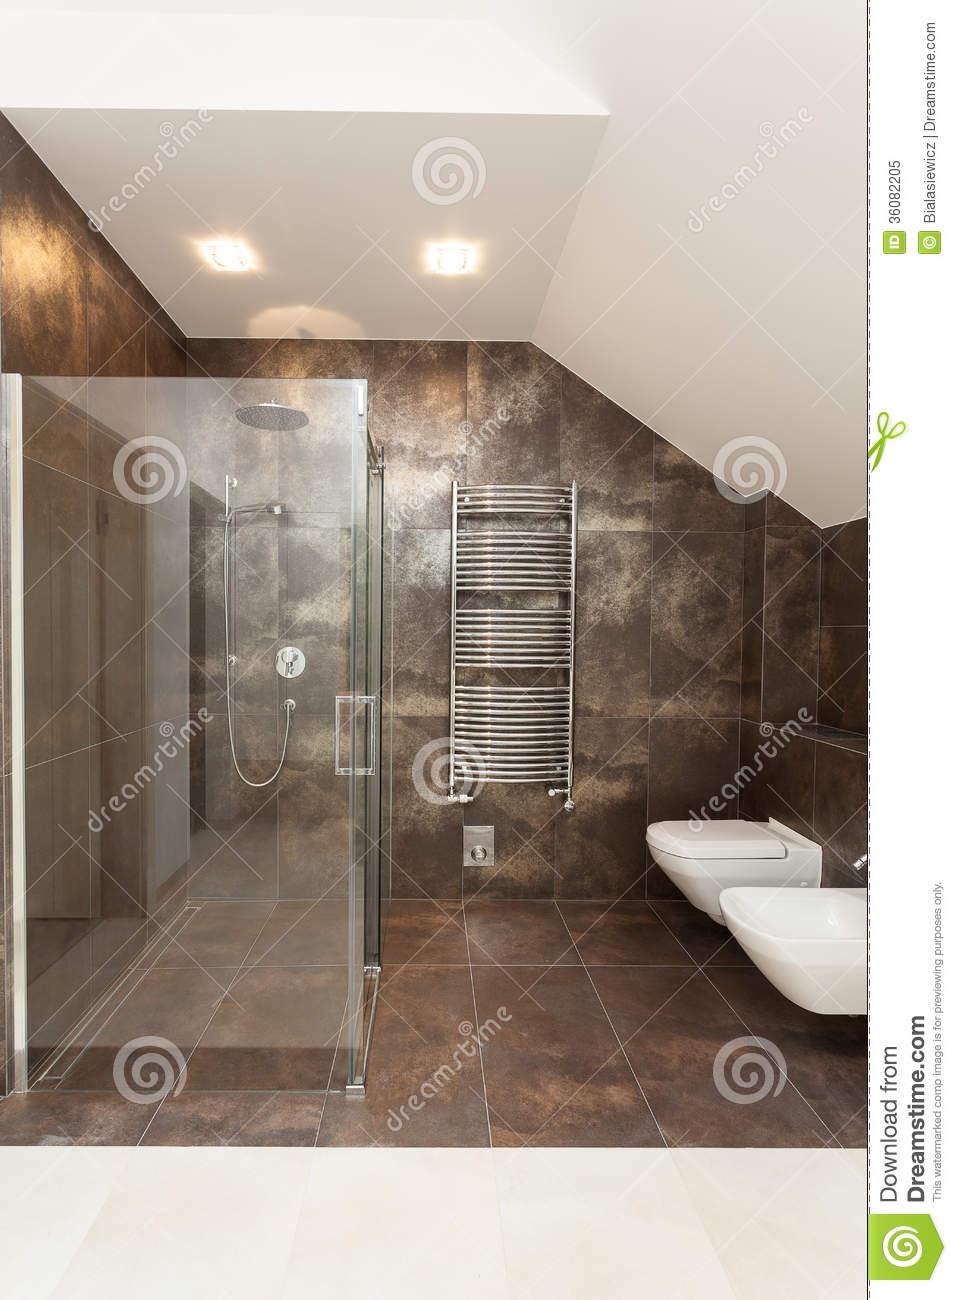 Full Size of Nischentür Dusche Kaufen Glastür Duschen Wand Glasabtrennung Nachträglich Einbauen Begehbare Koralle Raindance Mit Tür Und Fliesen Für Antirutschmatte Dusche Bidet Dusche